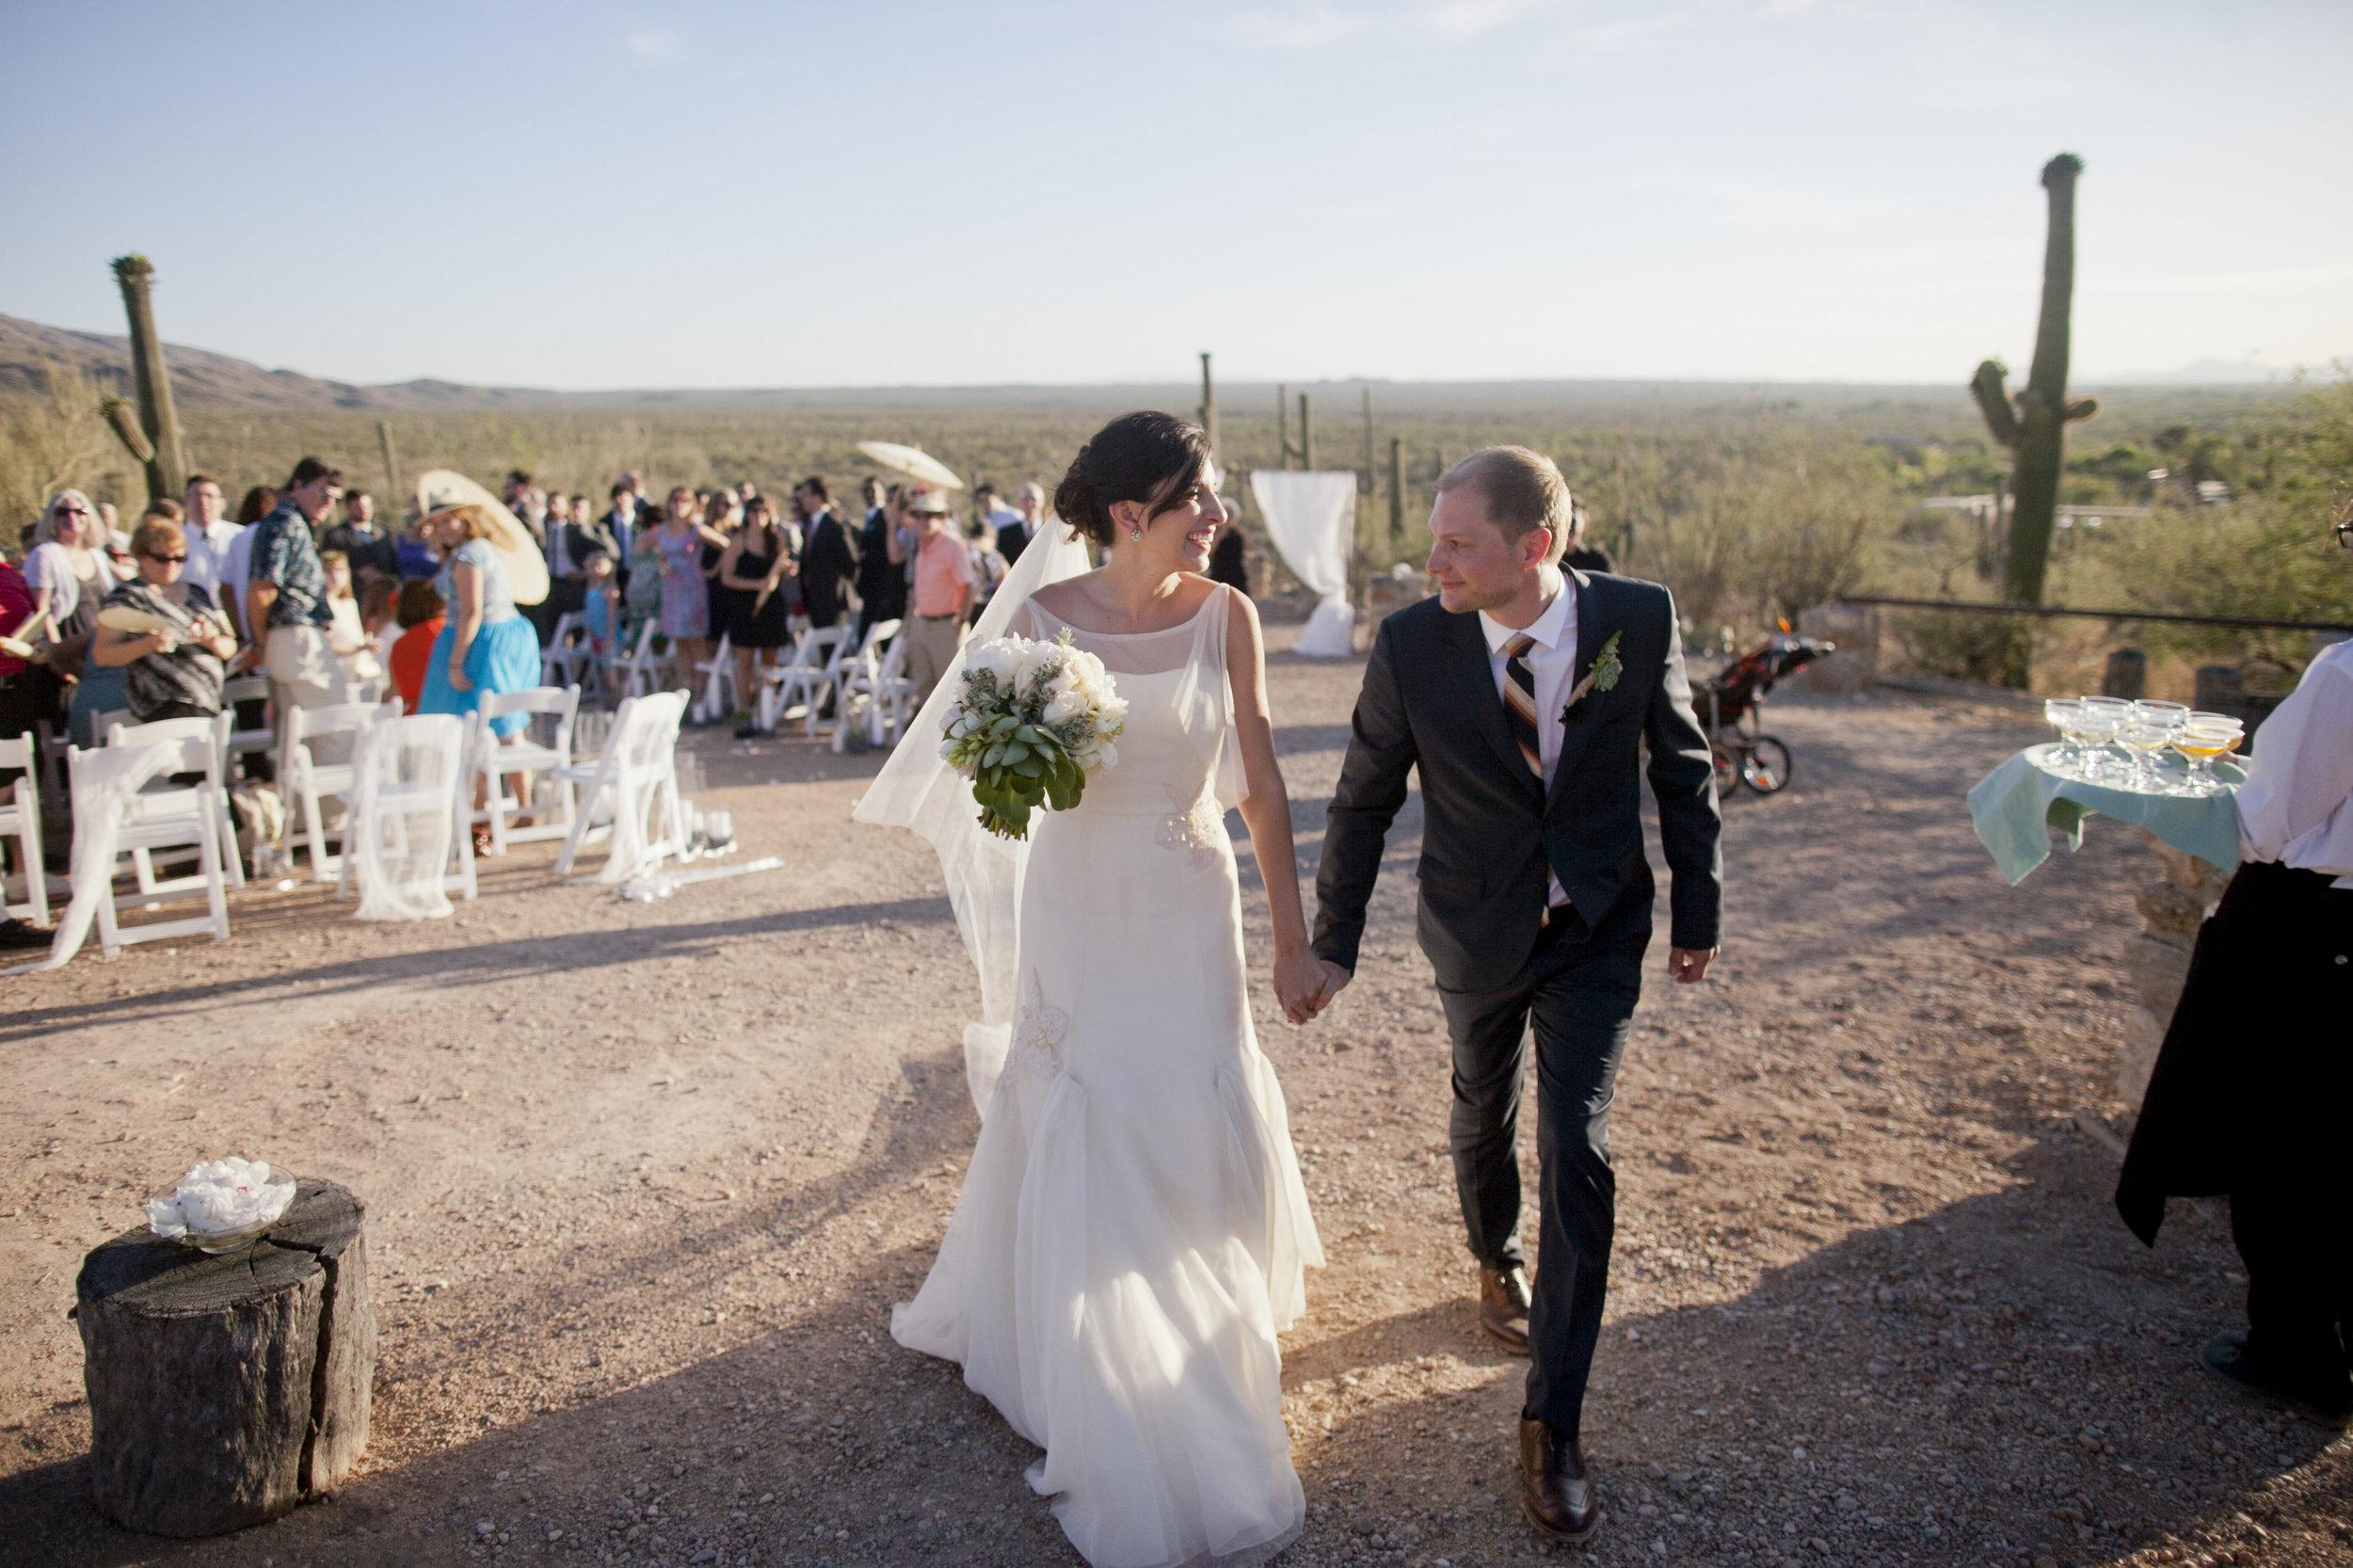 Ceci_New_York_Ceci_Style_Ceci_Johnson_Luxury_Lifestyle_Arizona_Wedding_Watercolor_Inspiration_Design_Custom_Couture_Personalized_Invitations_133.jpg